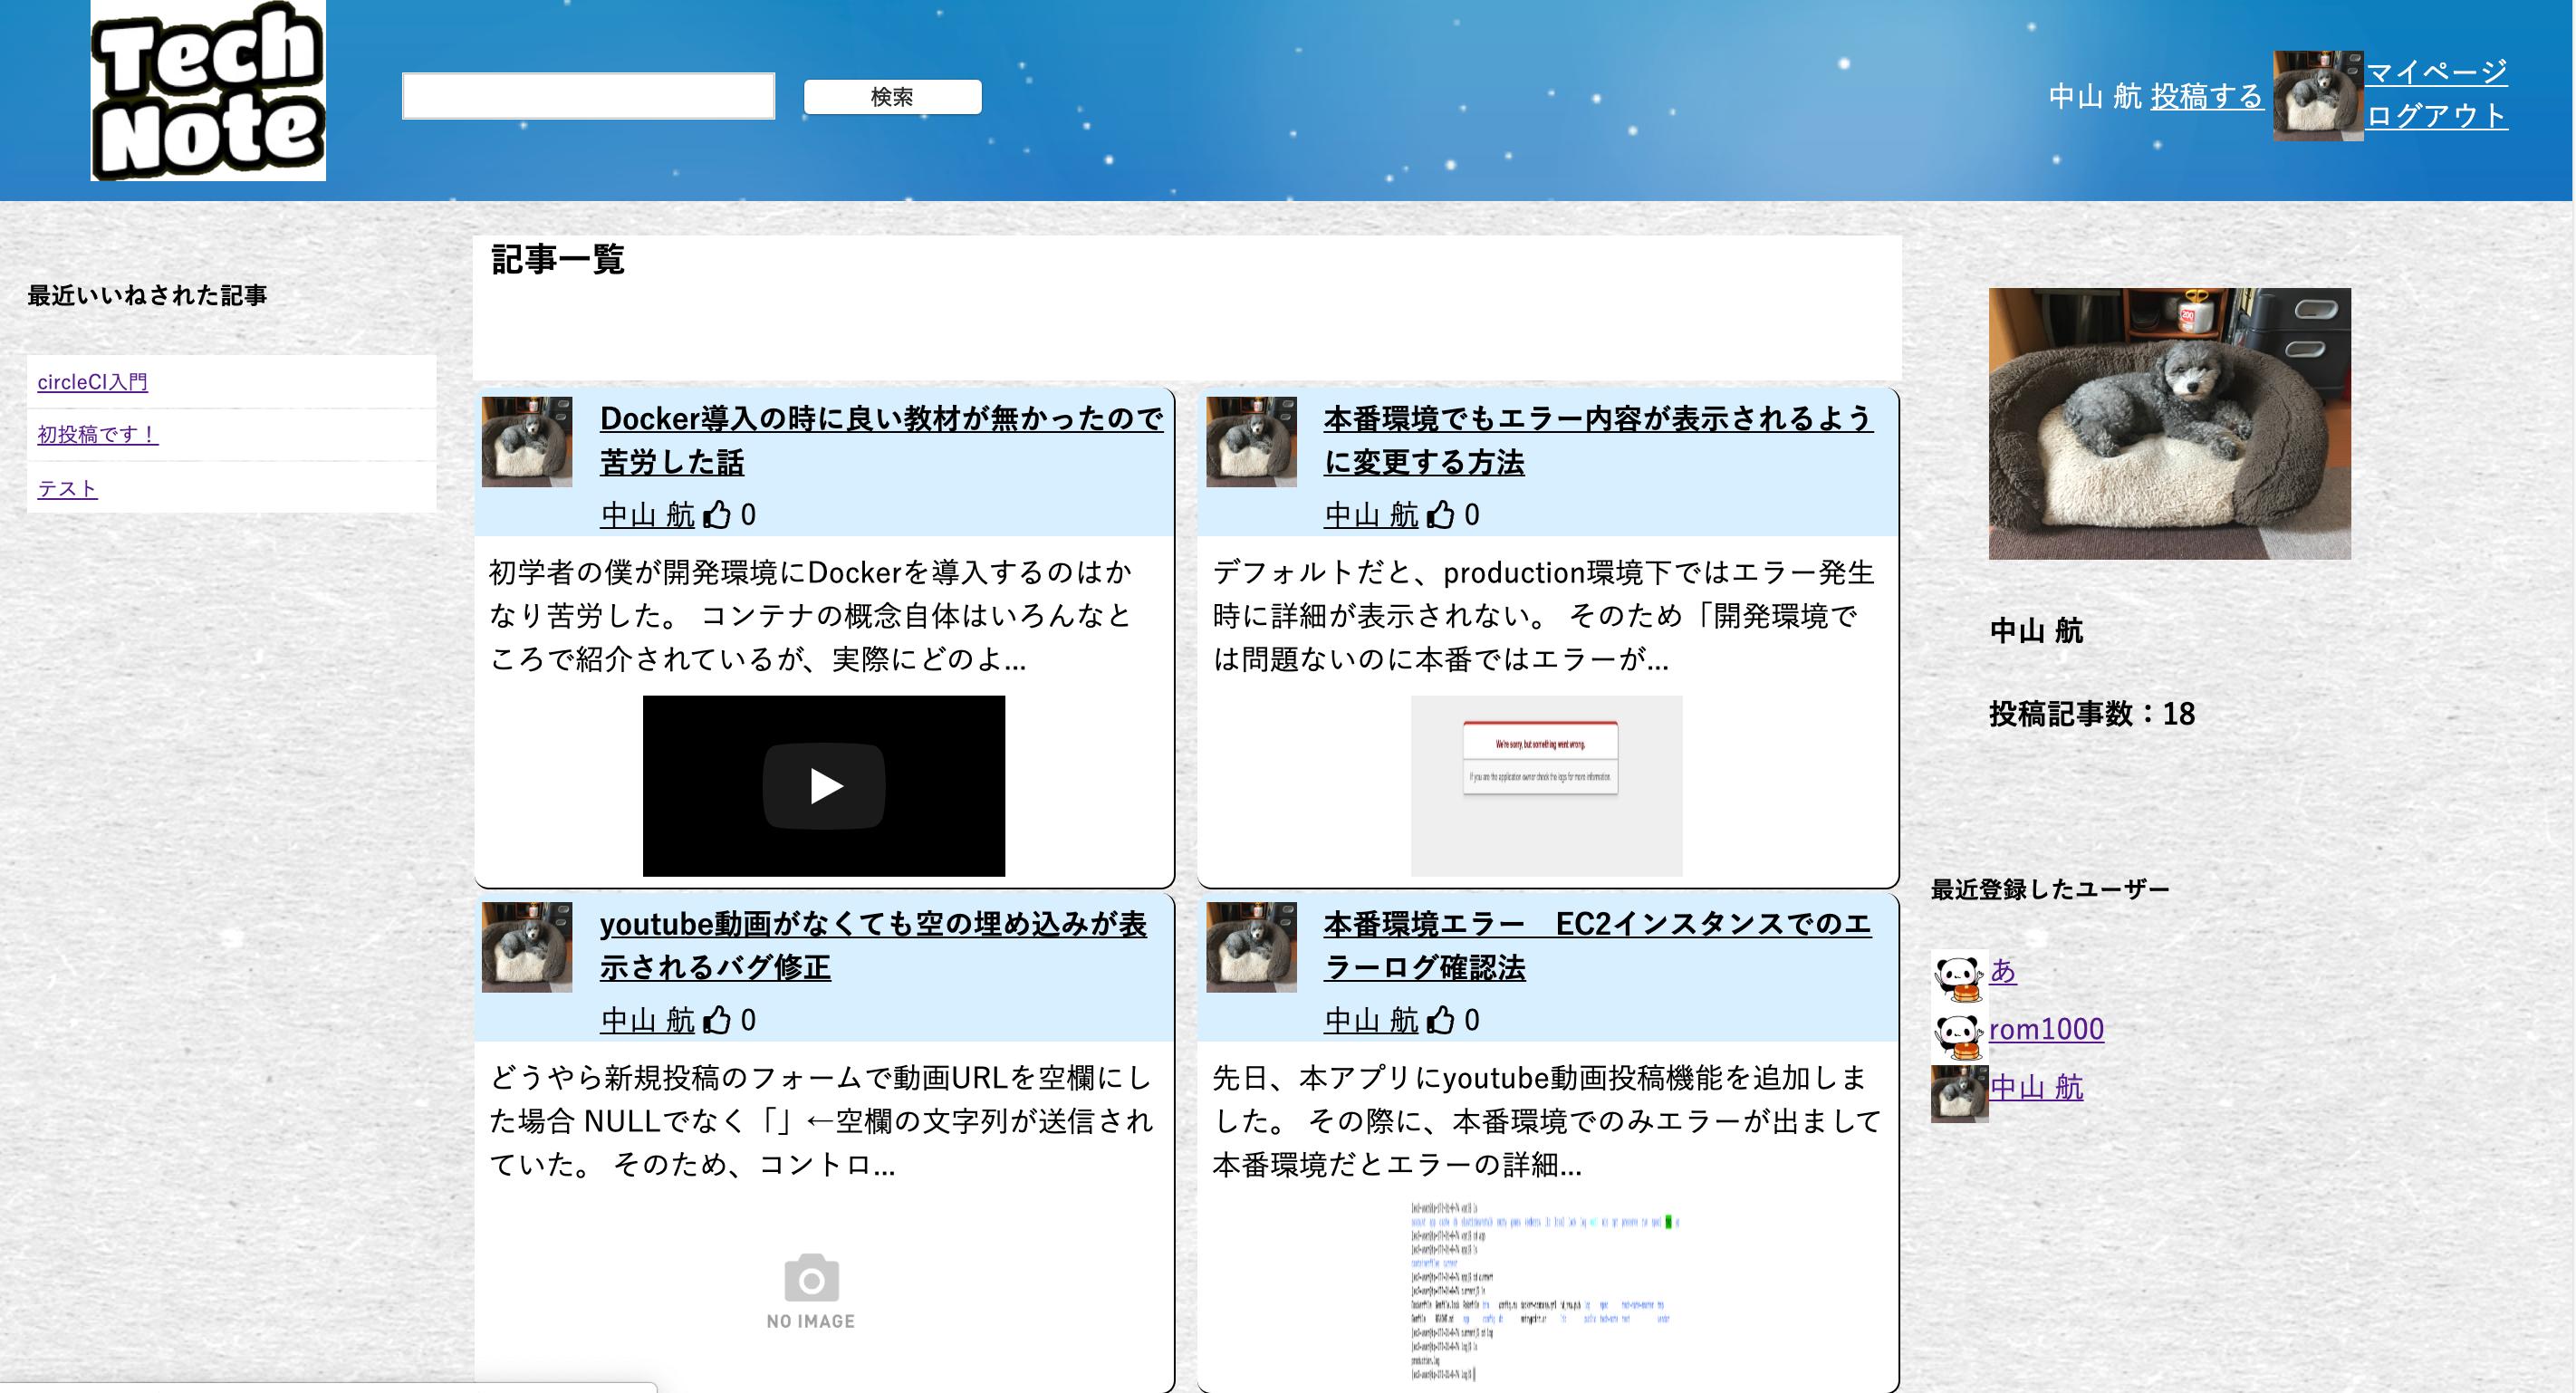 スクリーンショット 2020-01-28 3.01.57.png